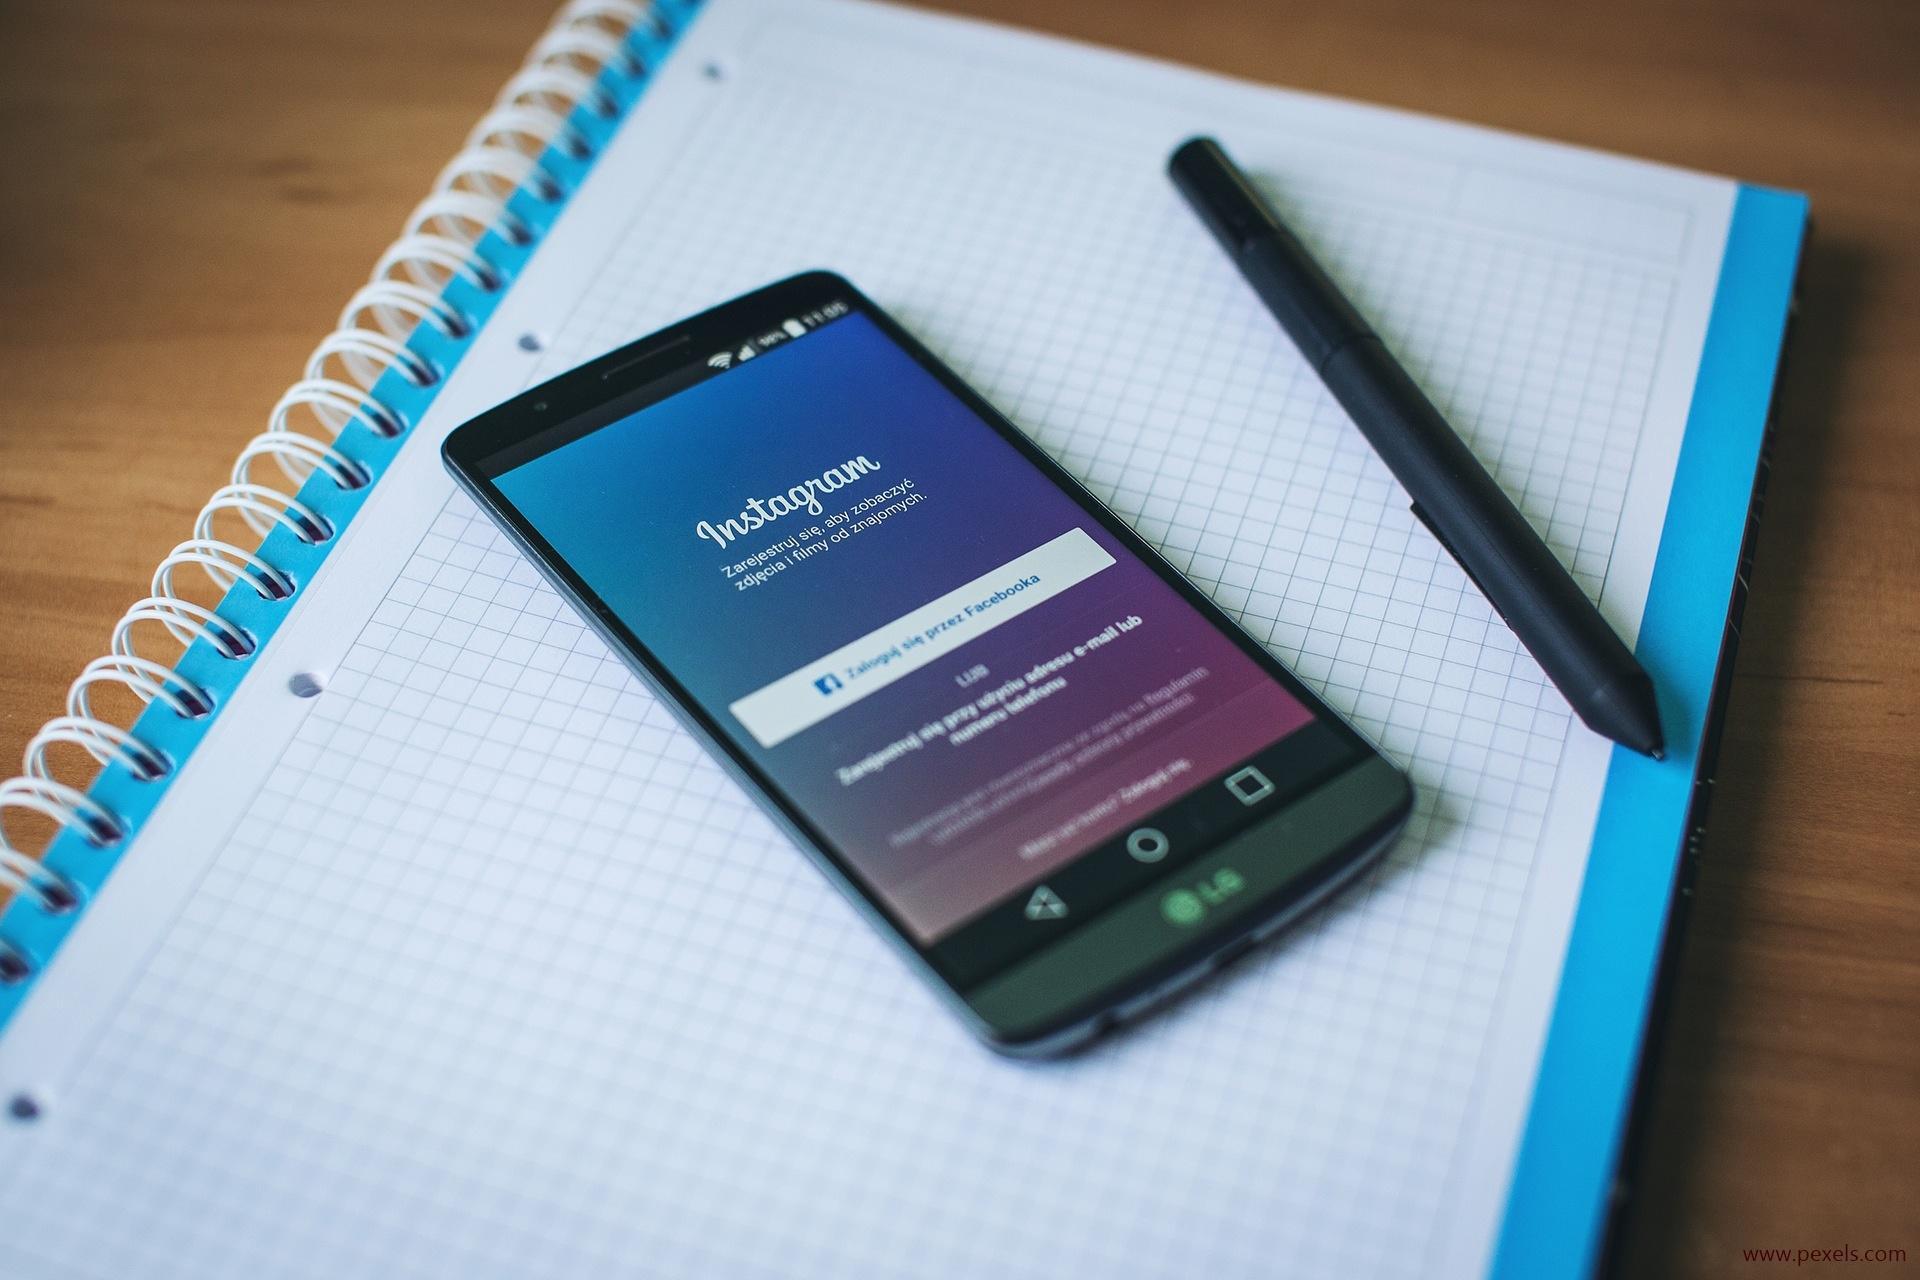 Die Plattform Instagram lebt von Bildern und deren Authentizität. Ob dieses Prinzip auch für den Gesundheitsbereich taugt, haben Forscher untersucht.